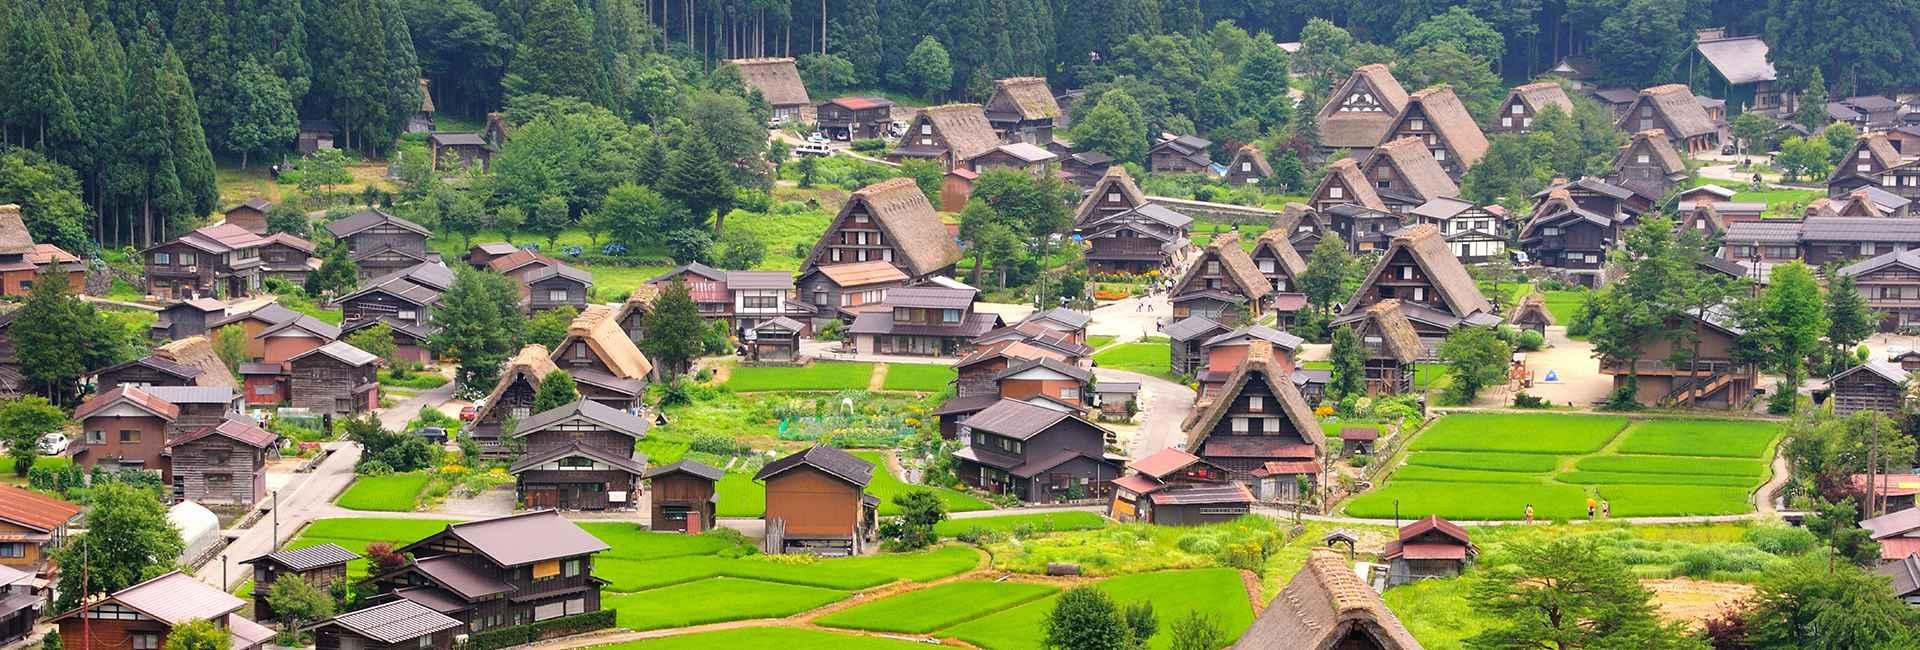 Shirakawa-go in summer